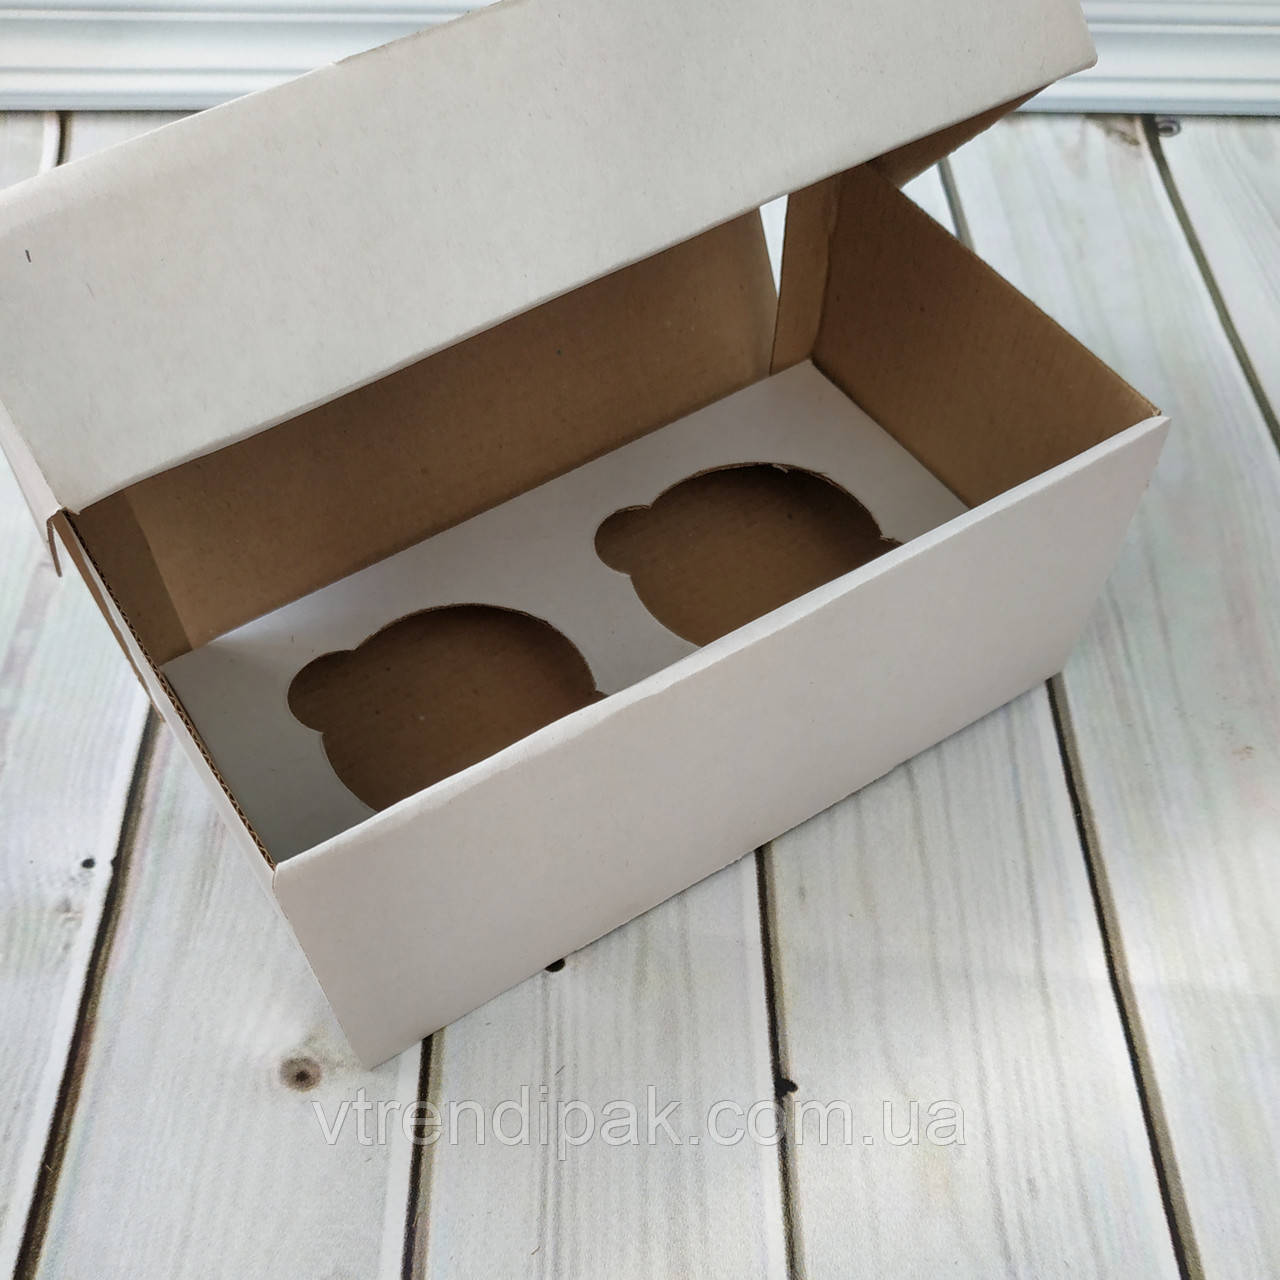 Коробка для 2 кексів, мафінів, капкейків 195*100*80